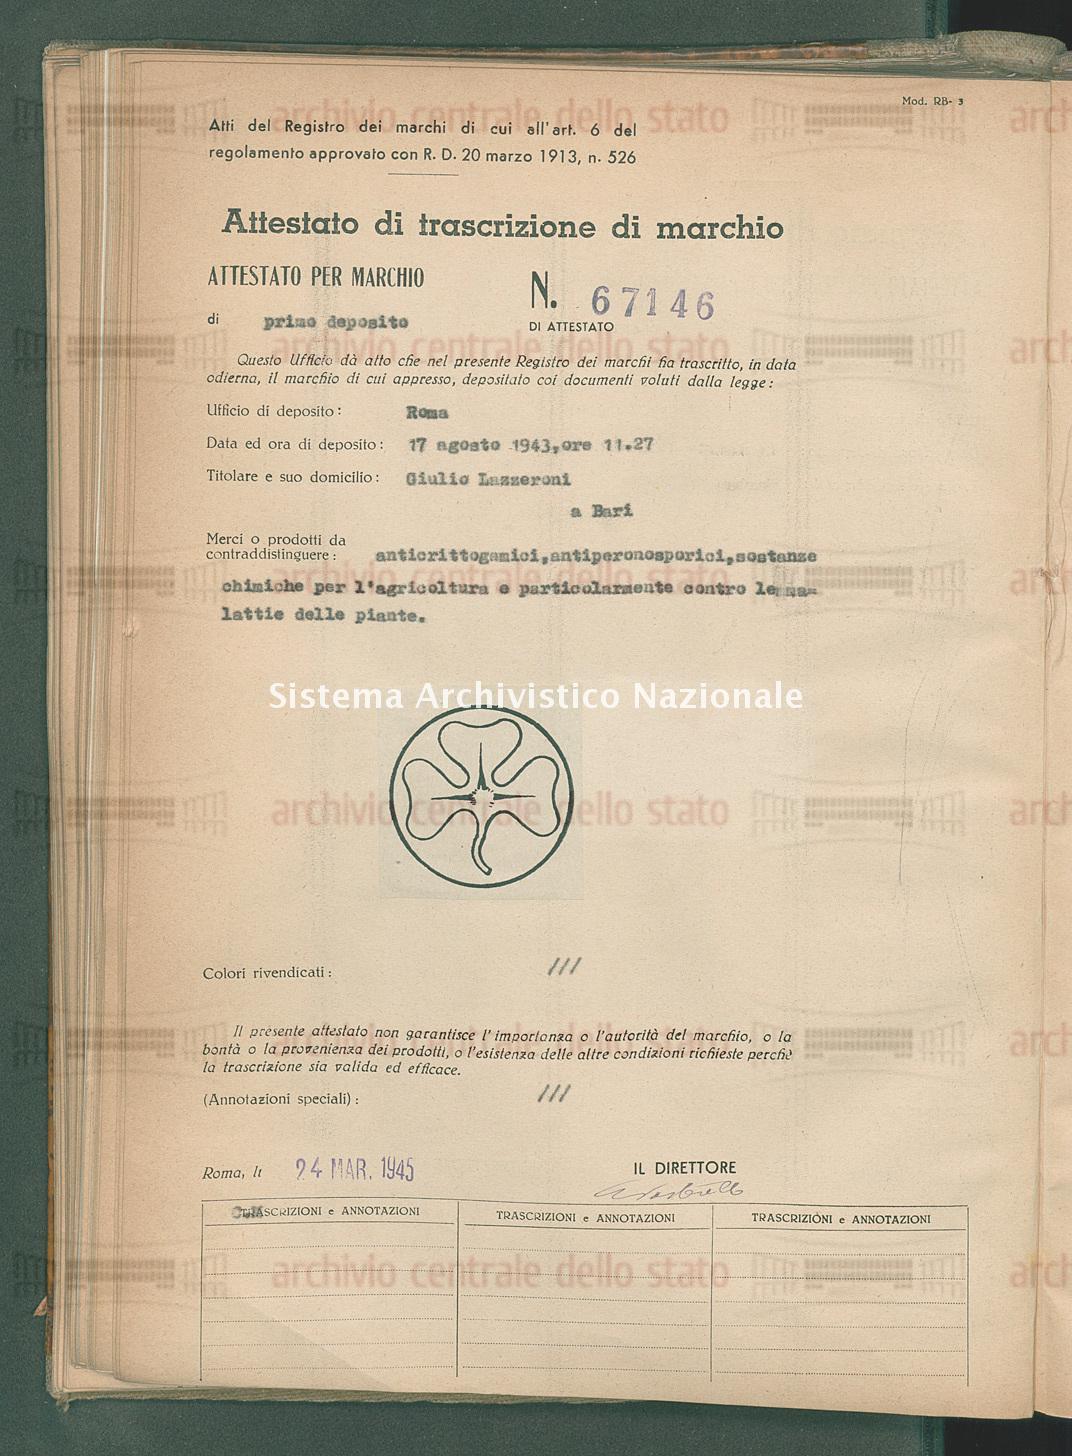 Anticrittogamici, antiperonosporici, sostanze chimiche ecc. Giulio Lazzeroni (24/03/1945)